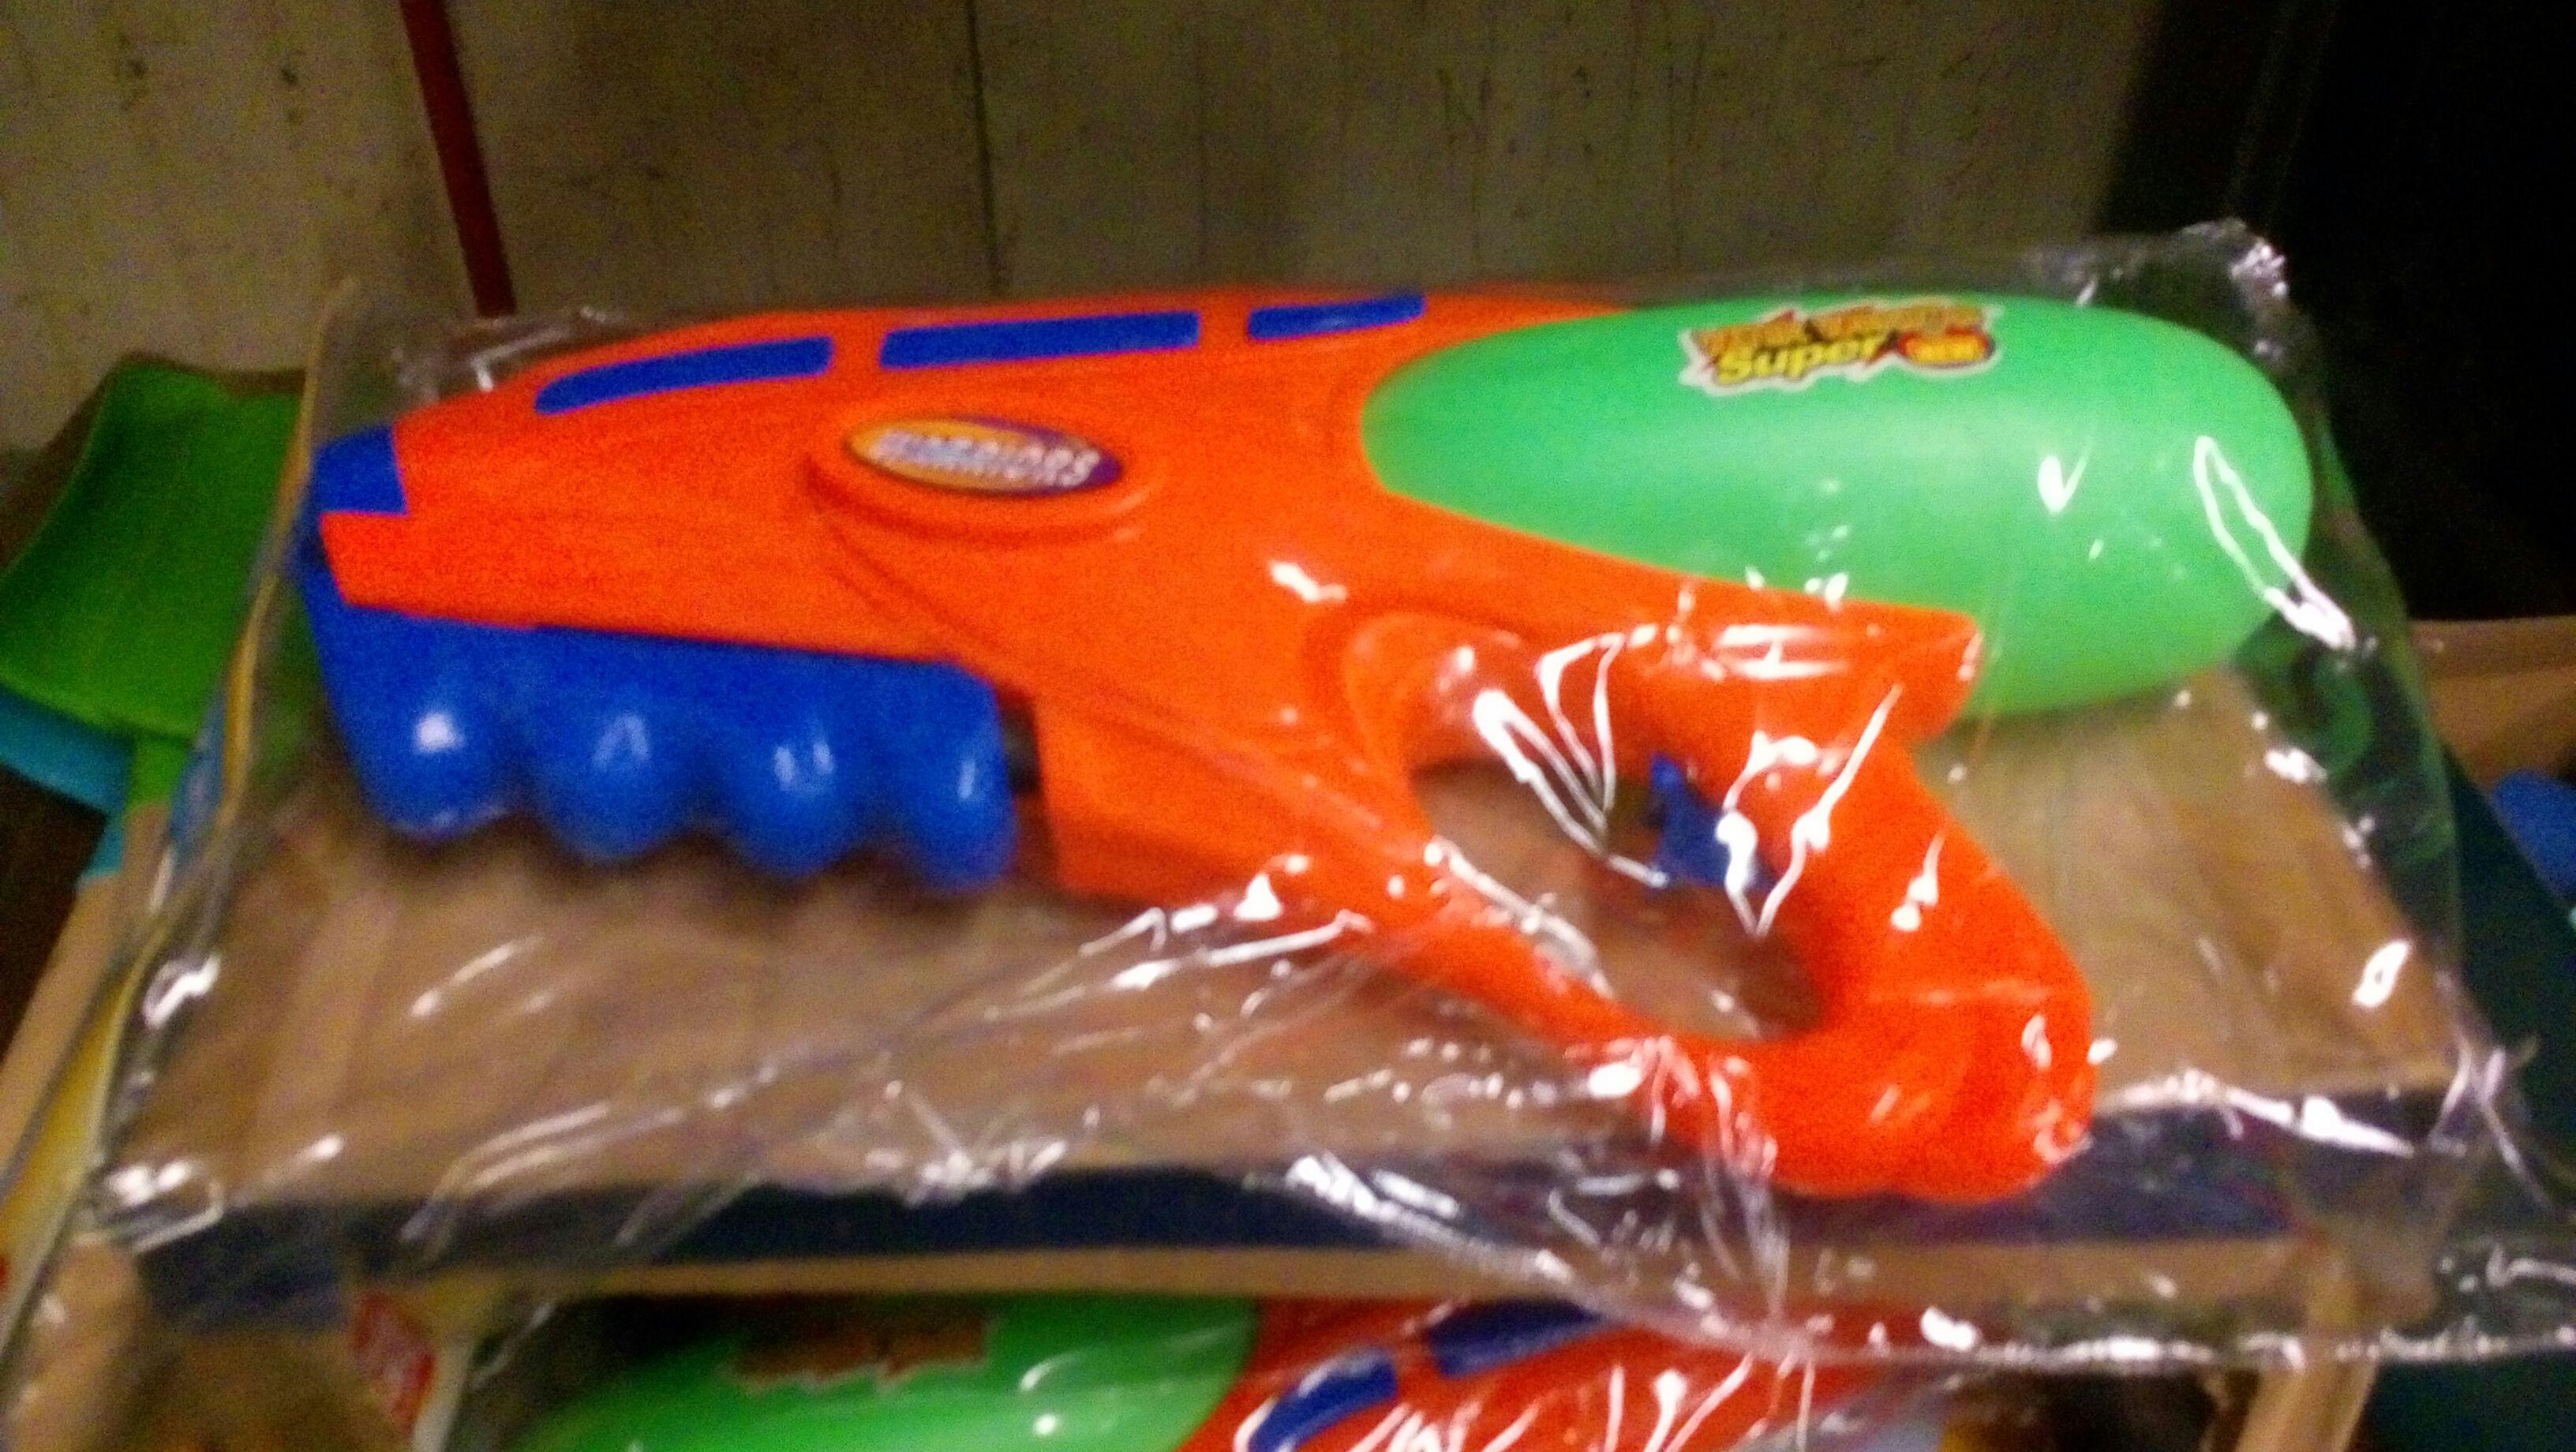 Bodega aurrera: Pistola de agua $25